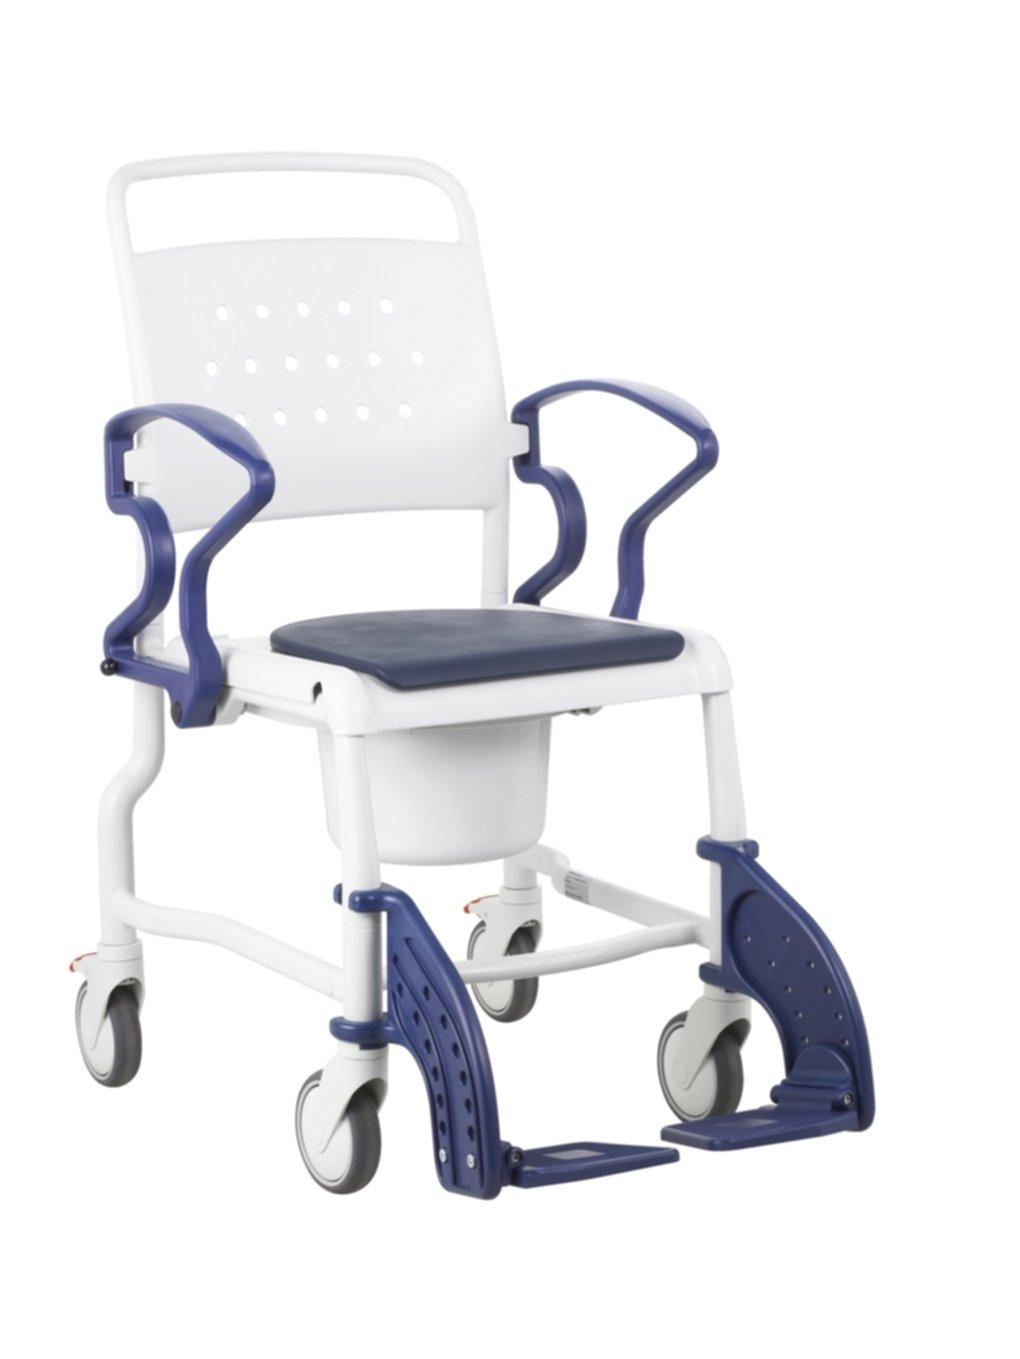 """Résultat de recherche d'images pour """"chaise toilette 2 en 1 bonn"""""""